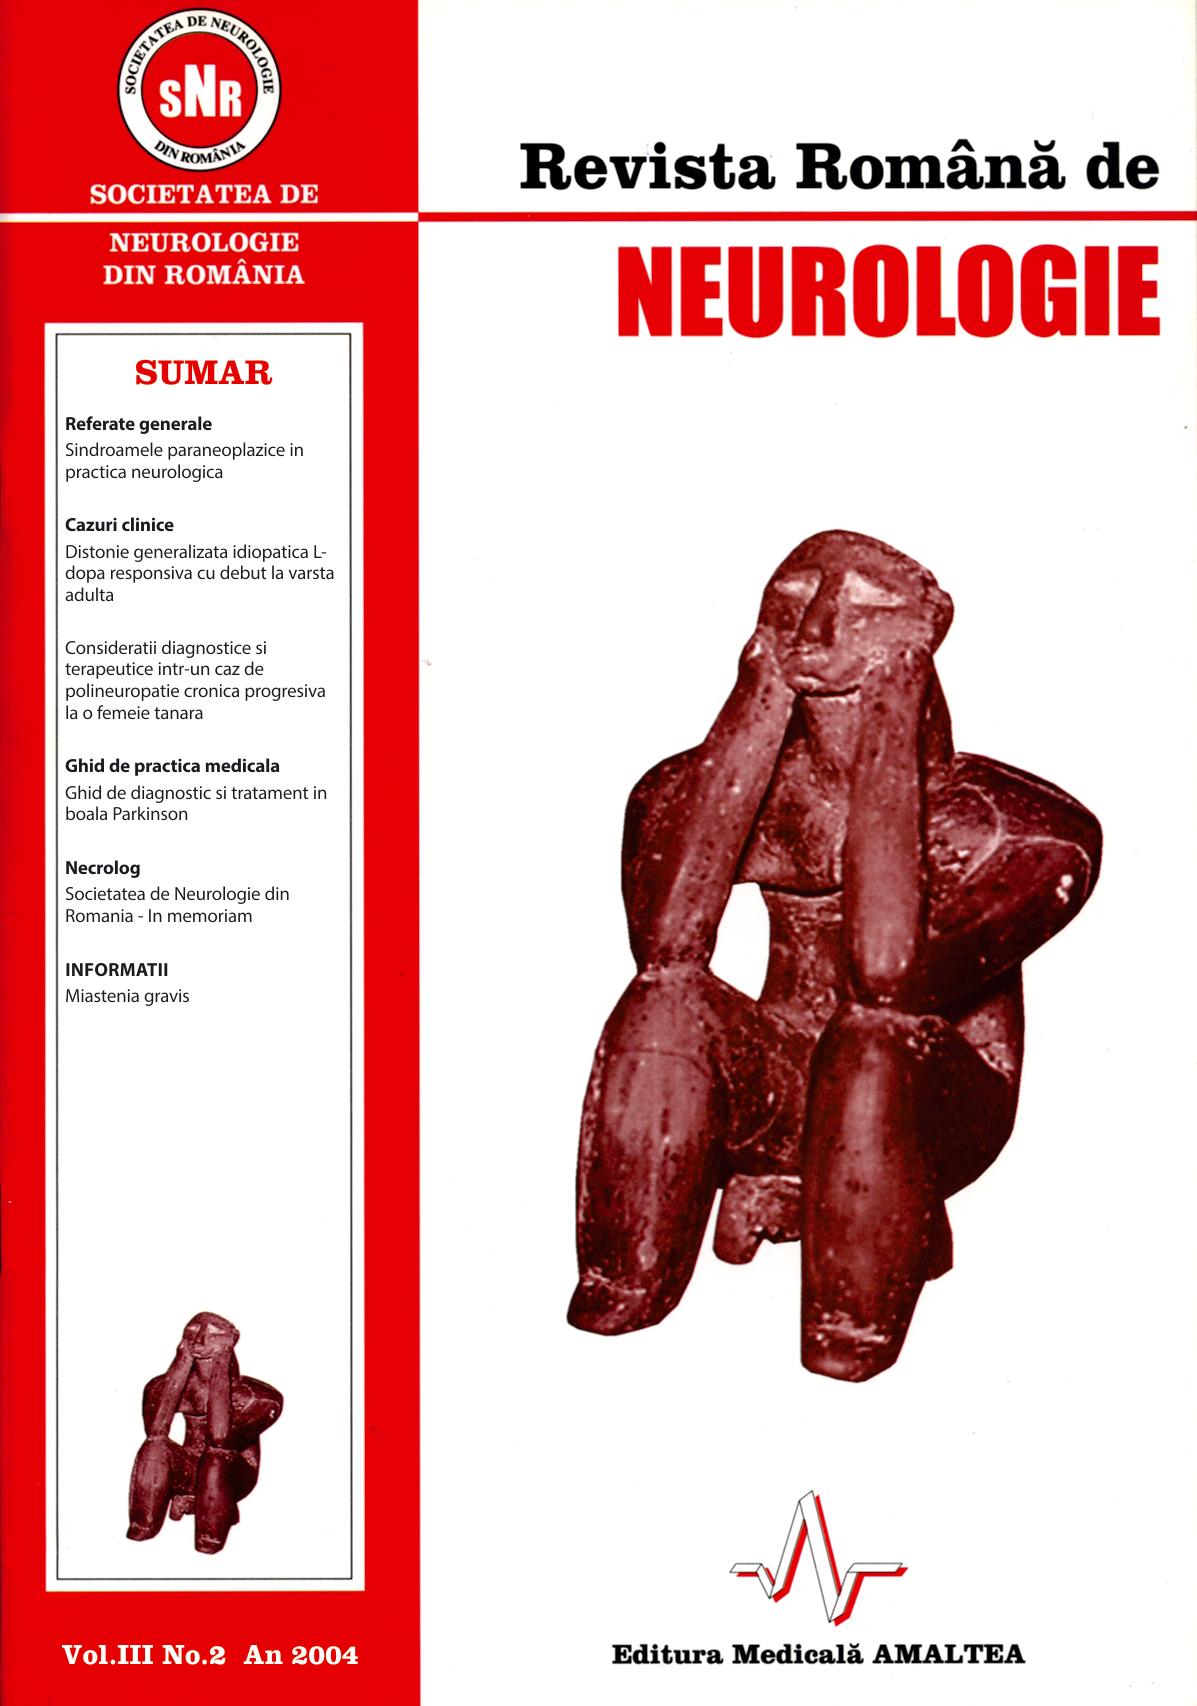 Romanian Journal of Neurology, Volume III, No. 2, 2004